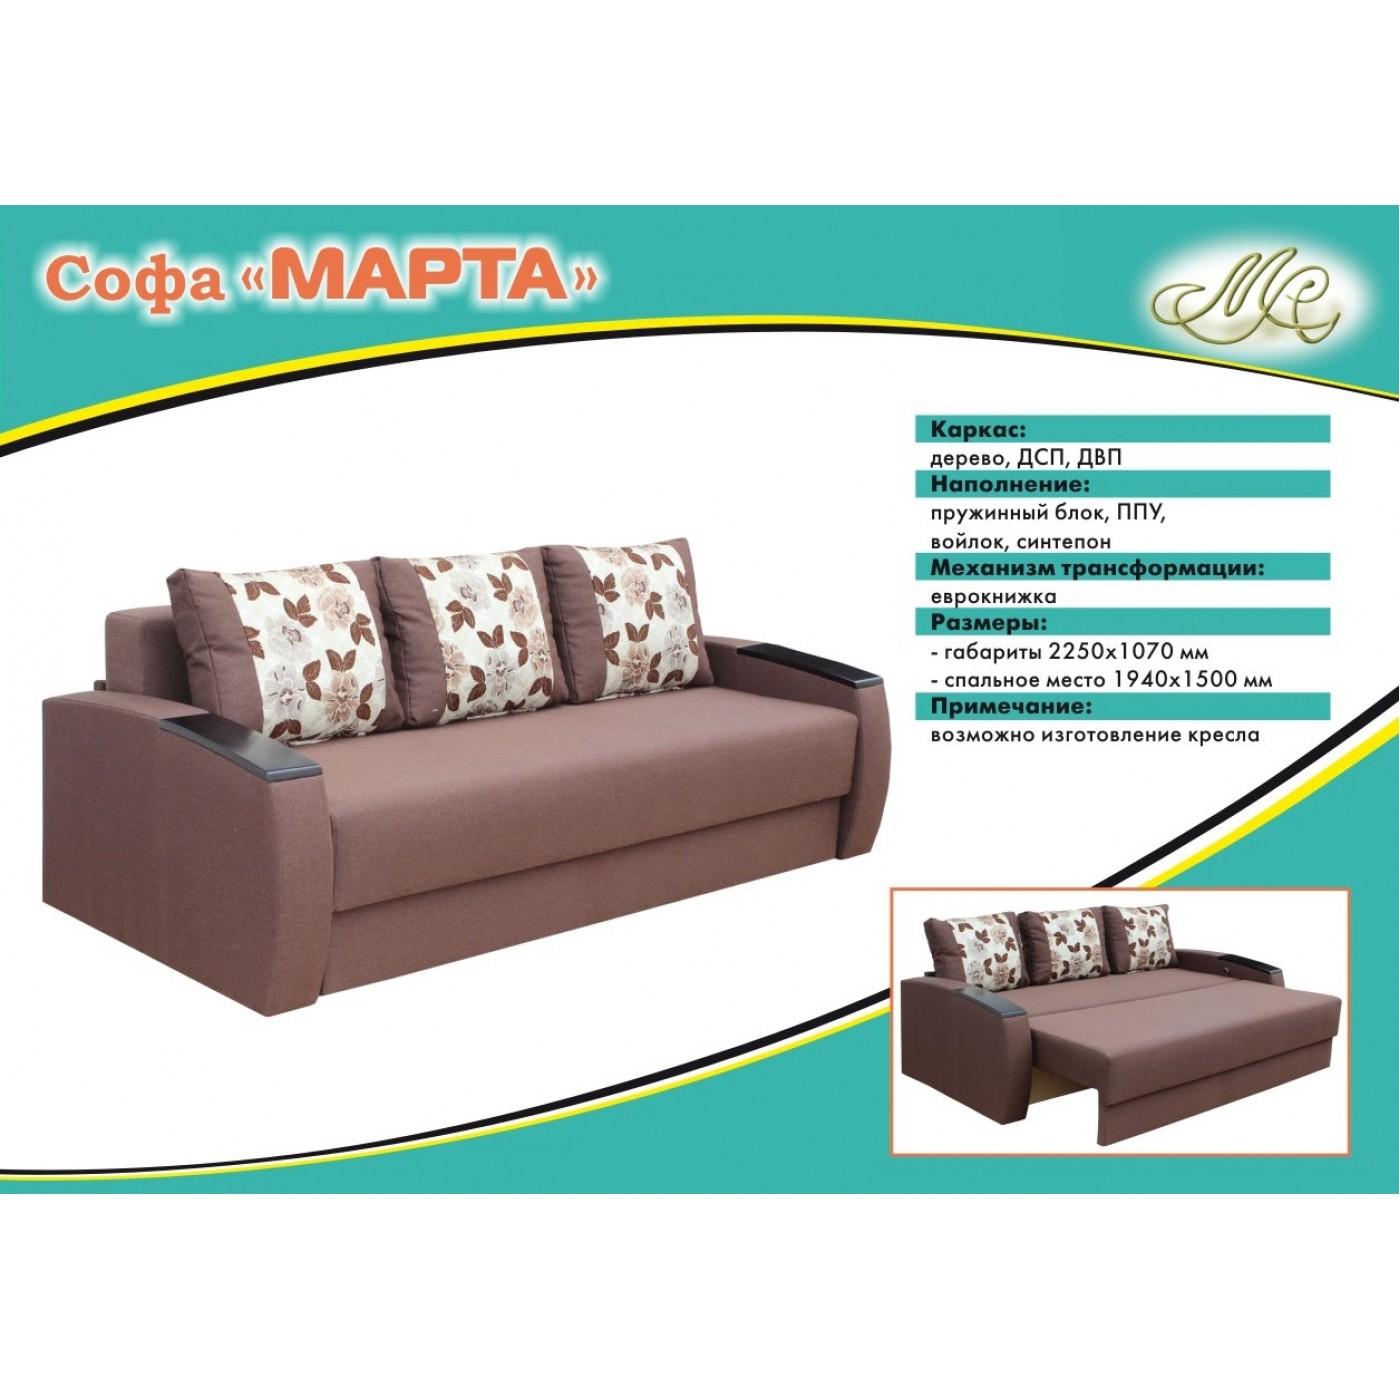 Марта софа